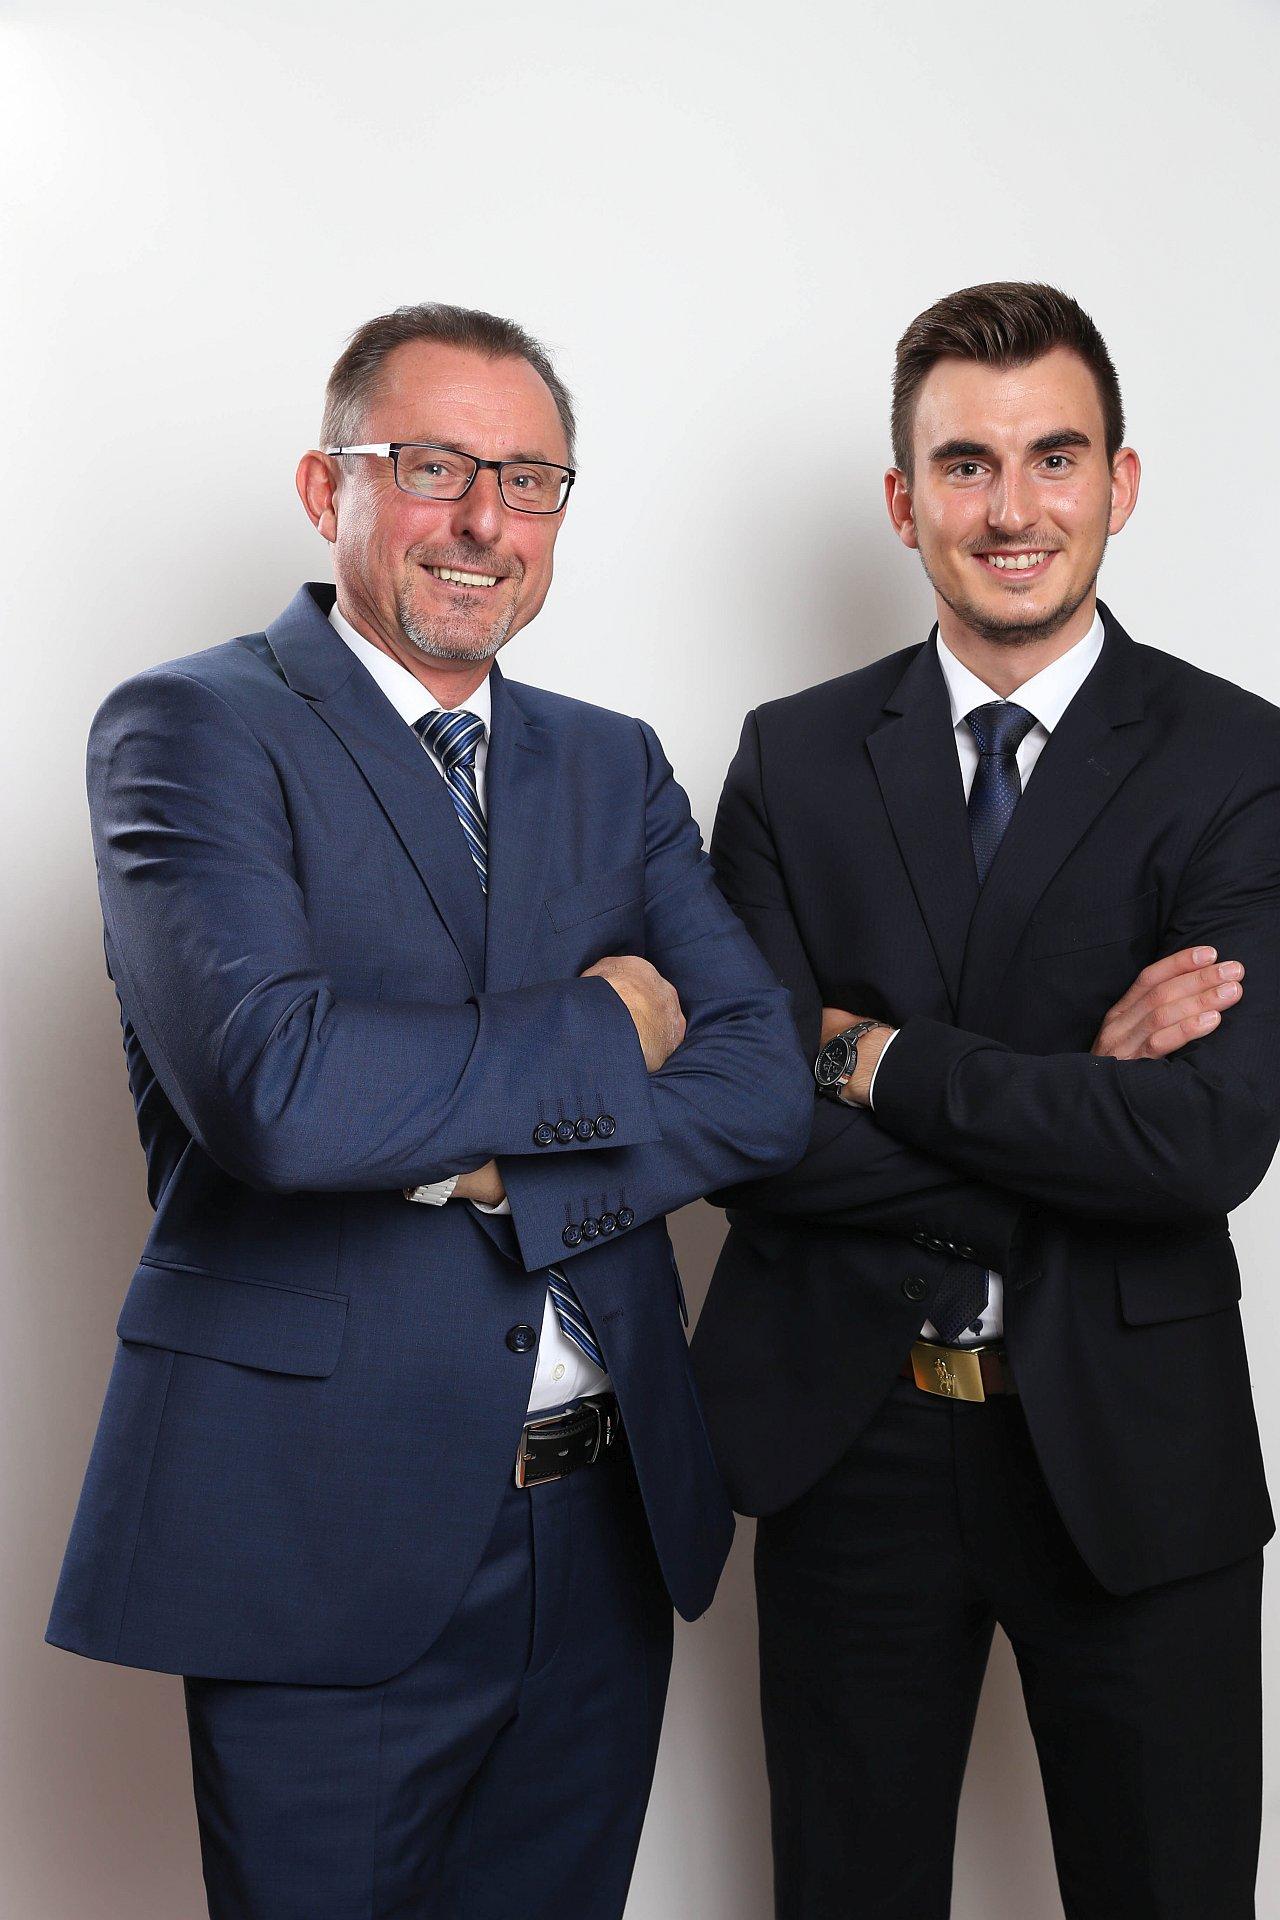 Vater und Sohn Jendryschik | AFS Versicherungsvermittlungs GmbH